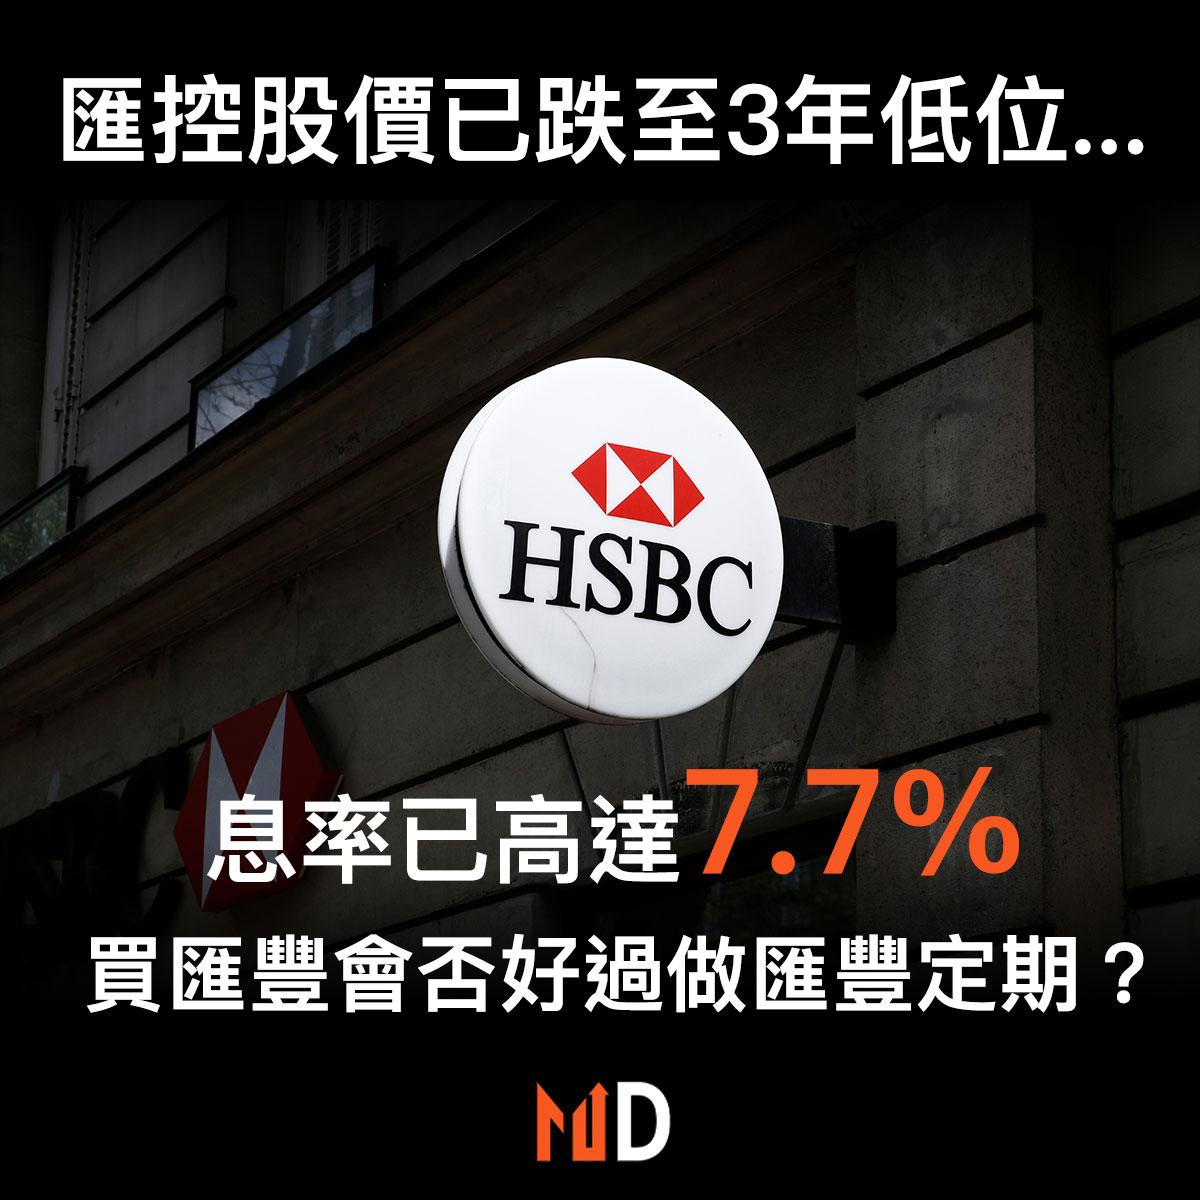 【市場分析】匯控股價已跌至3年低位,息率高達7.7%